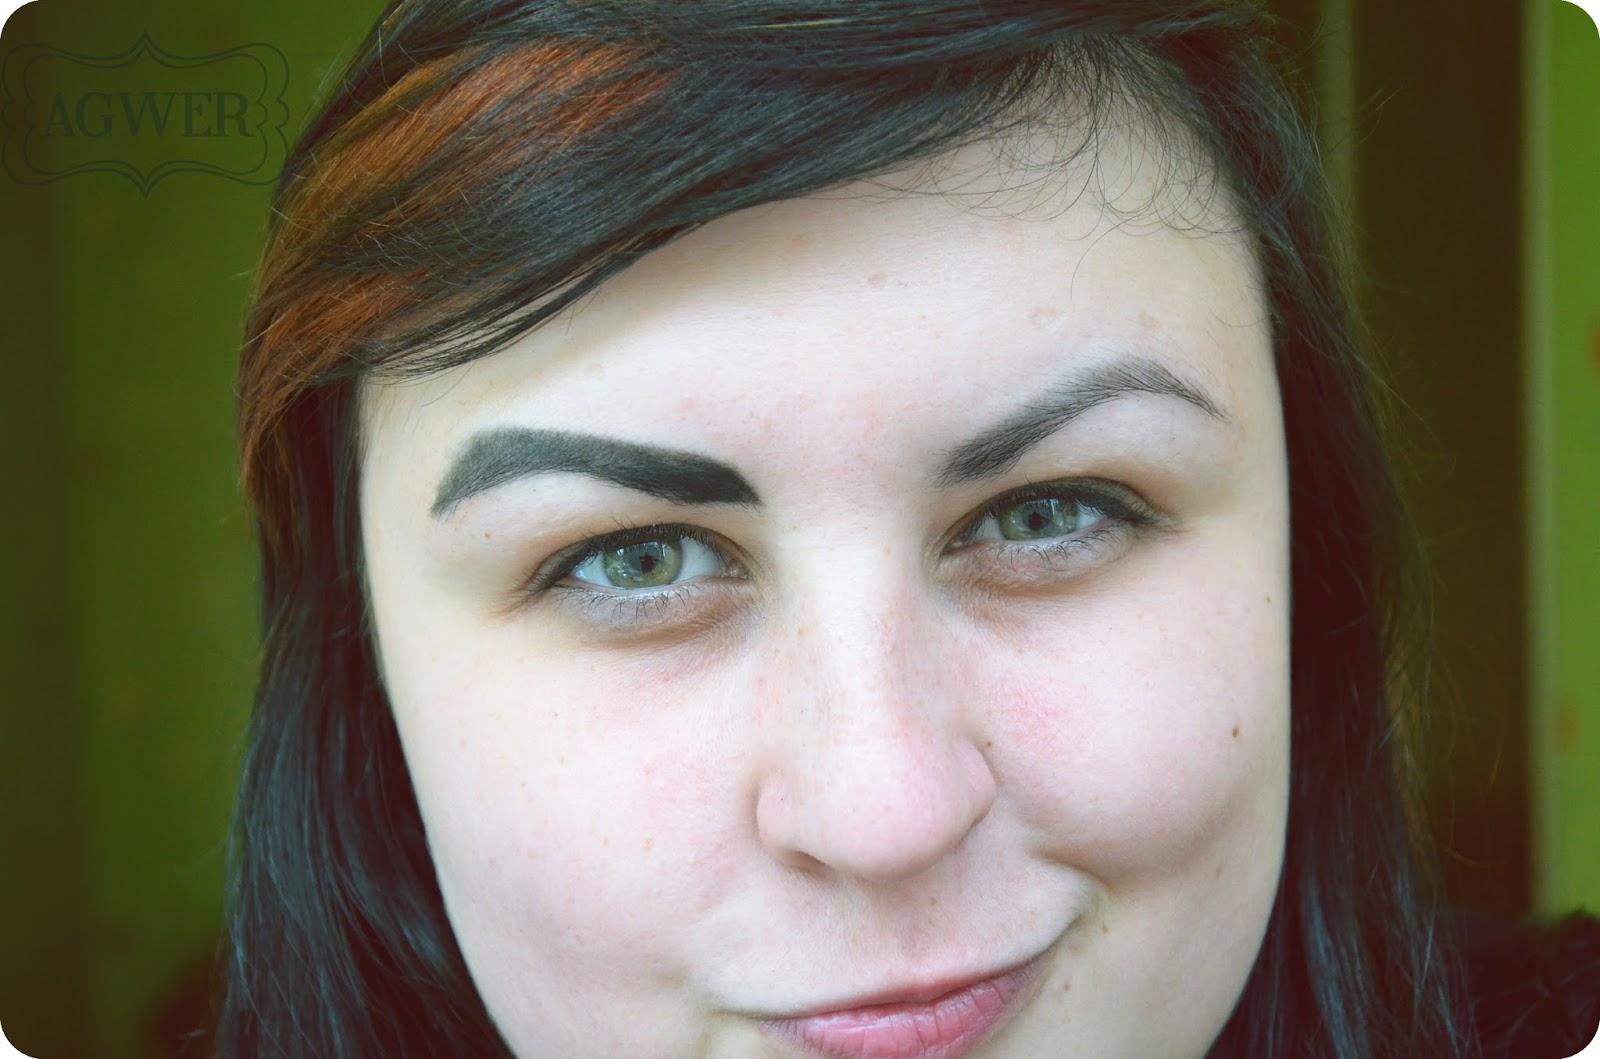 Miejski make up, czyli gdzie są moje brwi?!